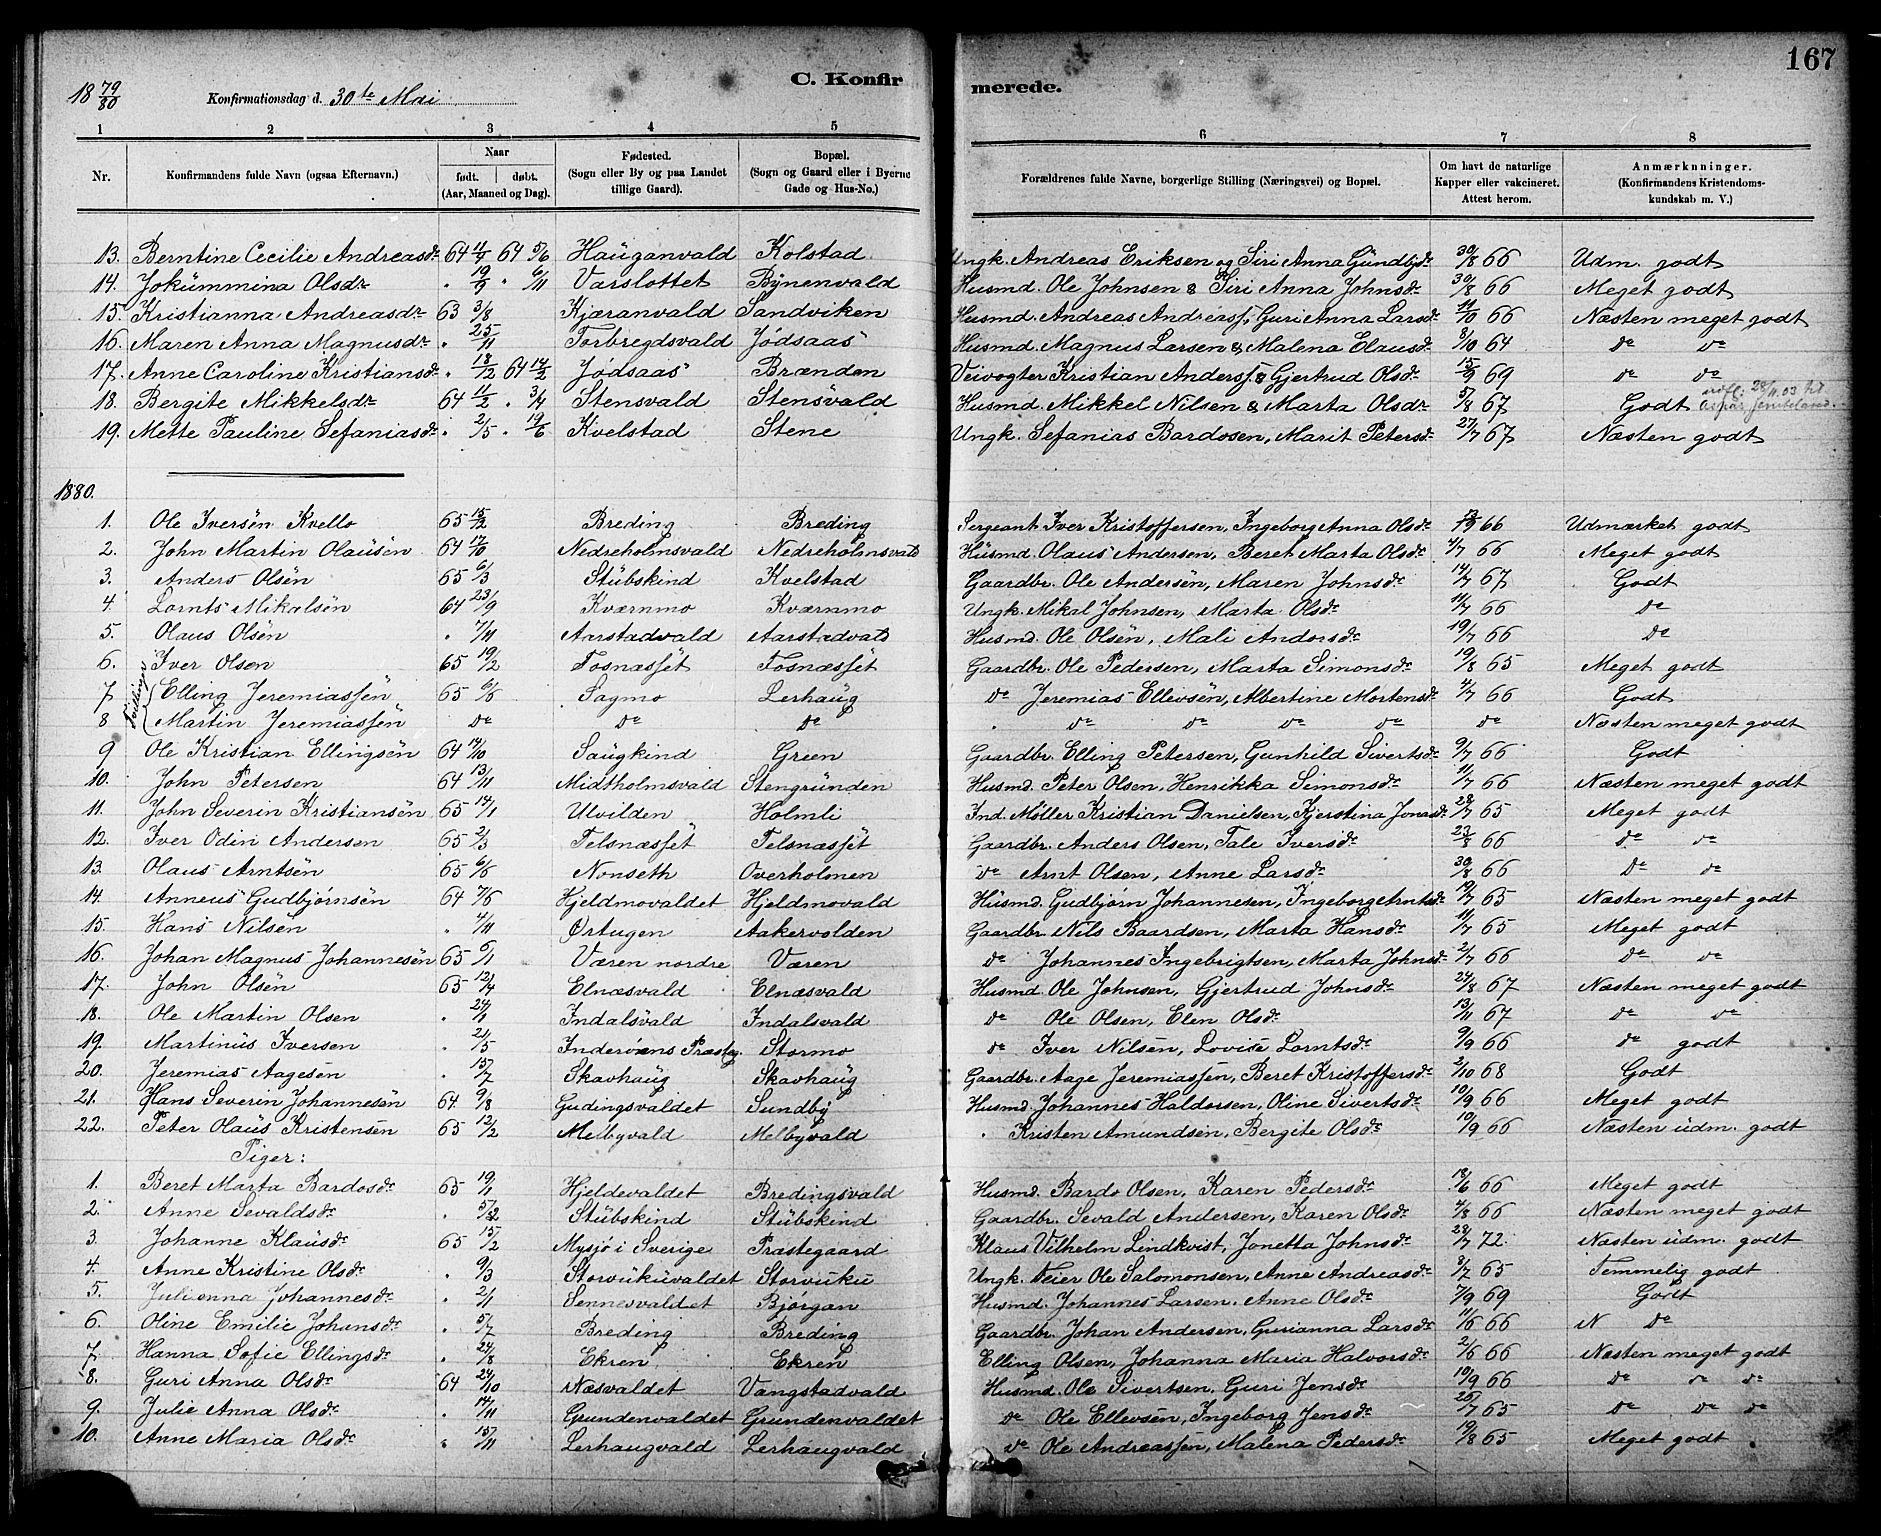 SAT, Ministerialprotokoller, klokkerbøker og fødselsregistre - Nord-Trøndelag, 724/L0267: Klokkerbok nr. 724C03, 1879-1898, s. 167